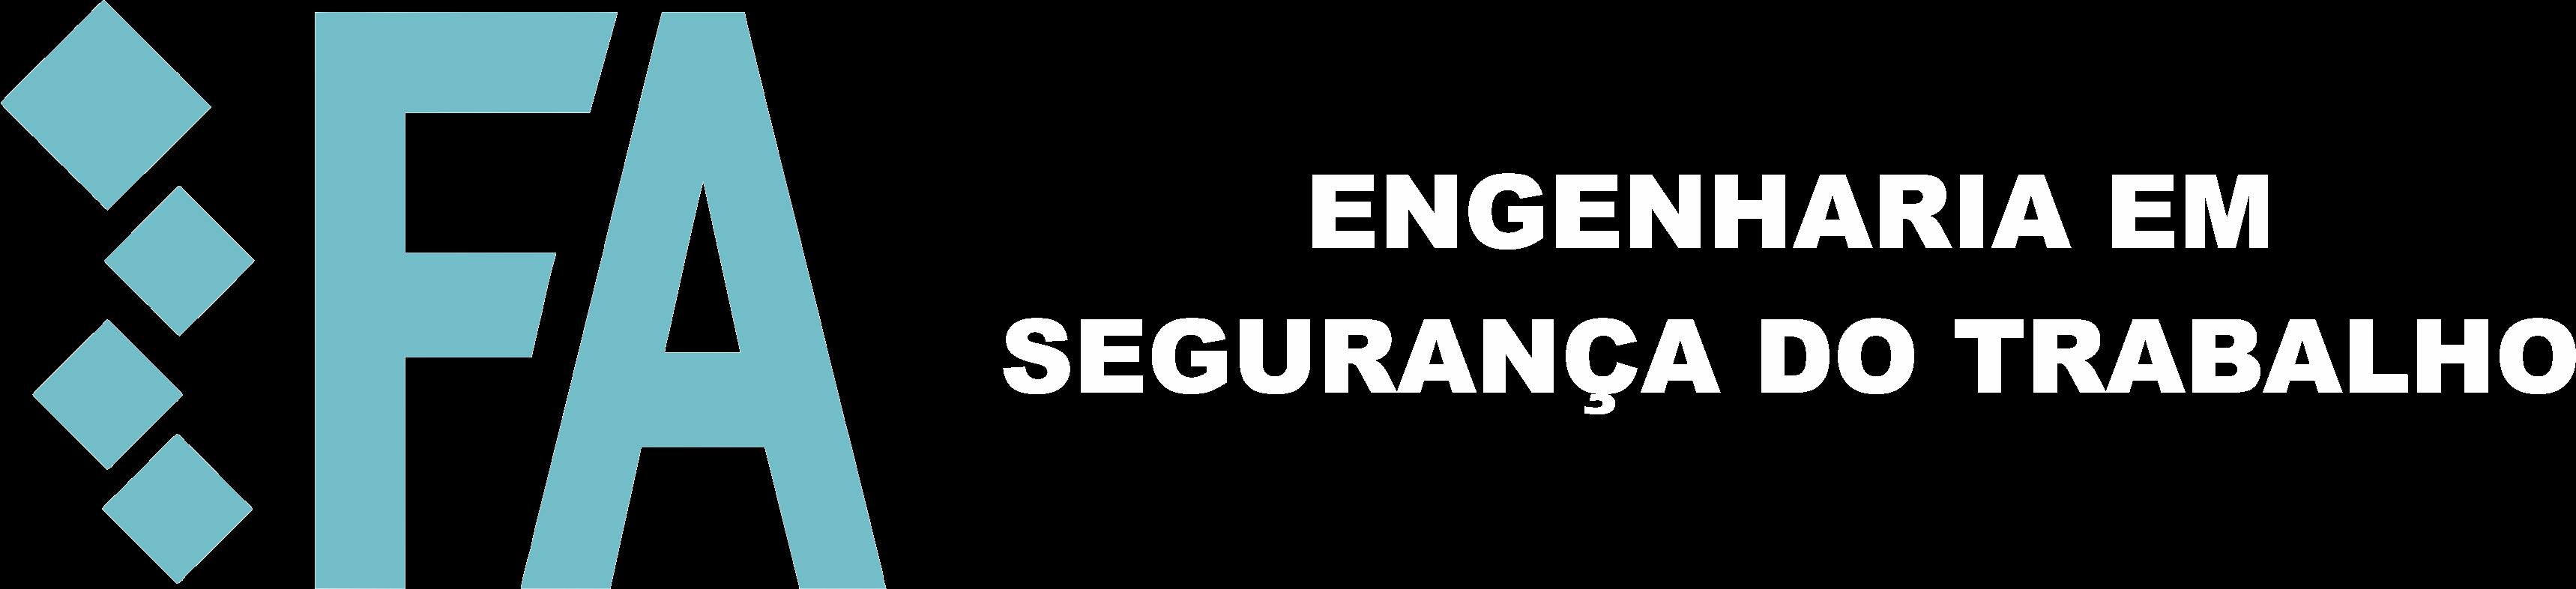 FA Engenharia em Segurança do Trabalho